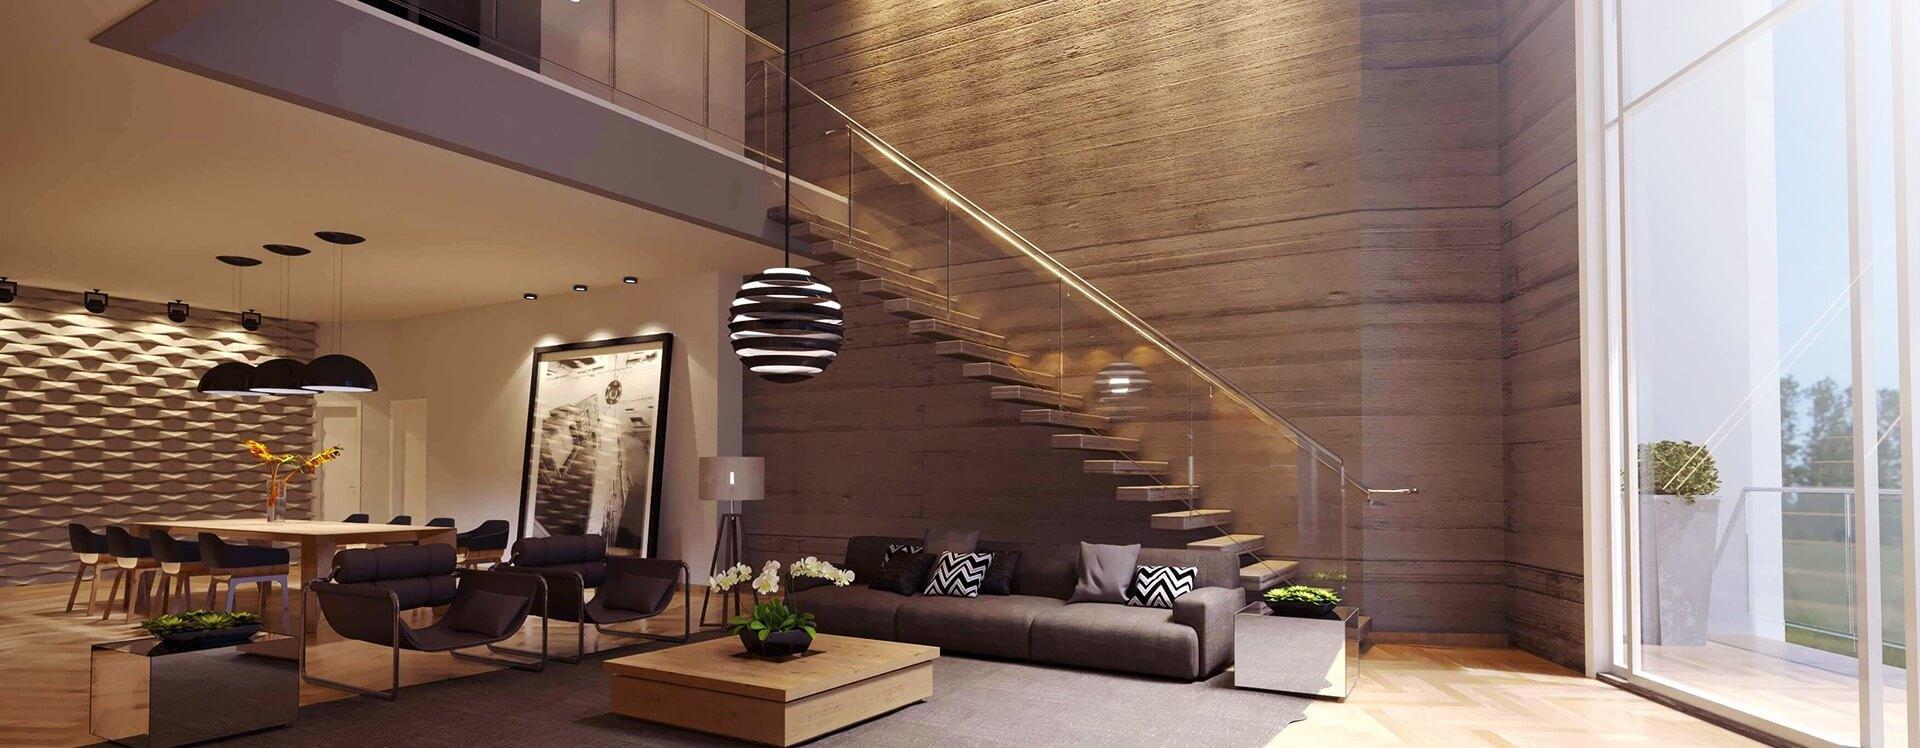 pé direito duplo, escada concreto - interior - projeto casa moderna